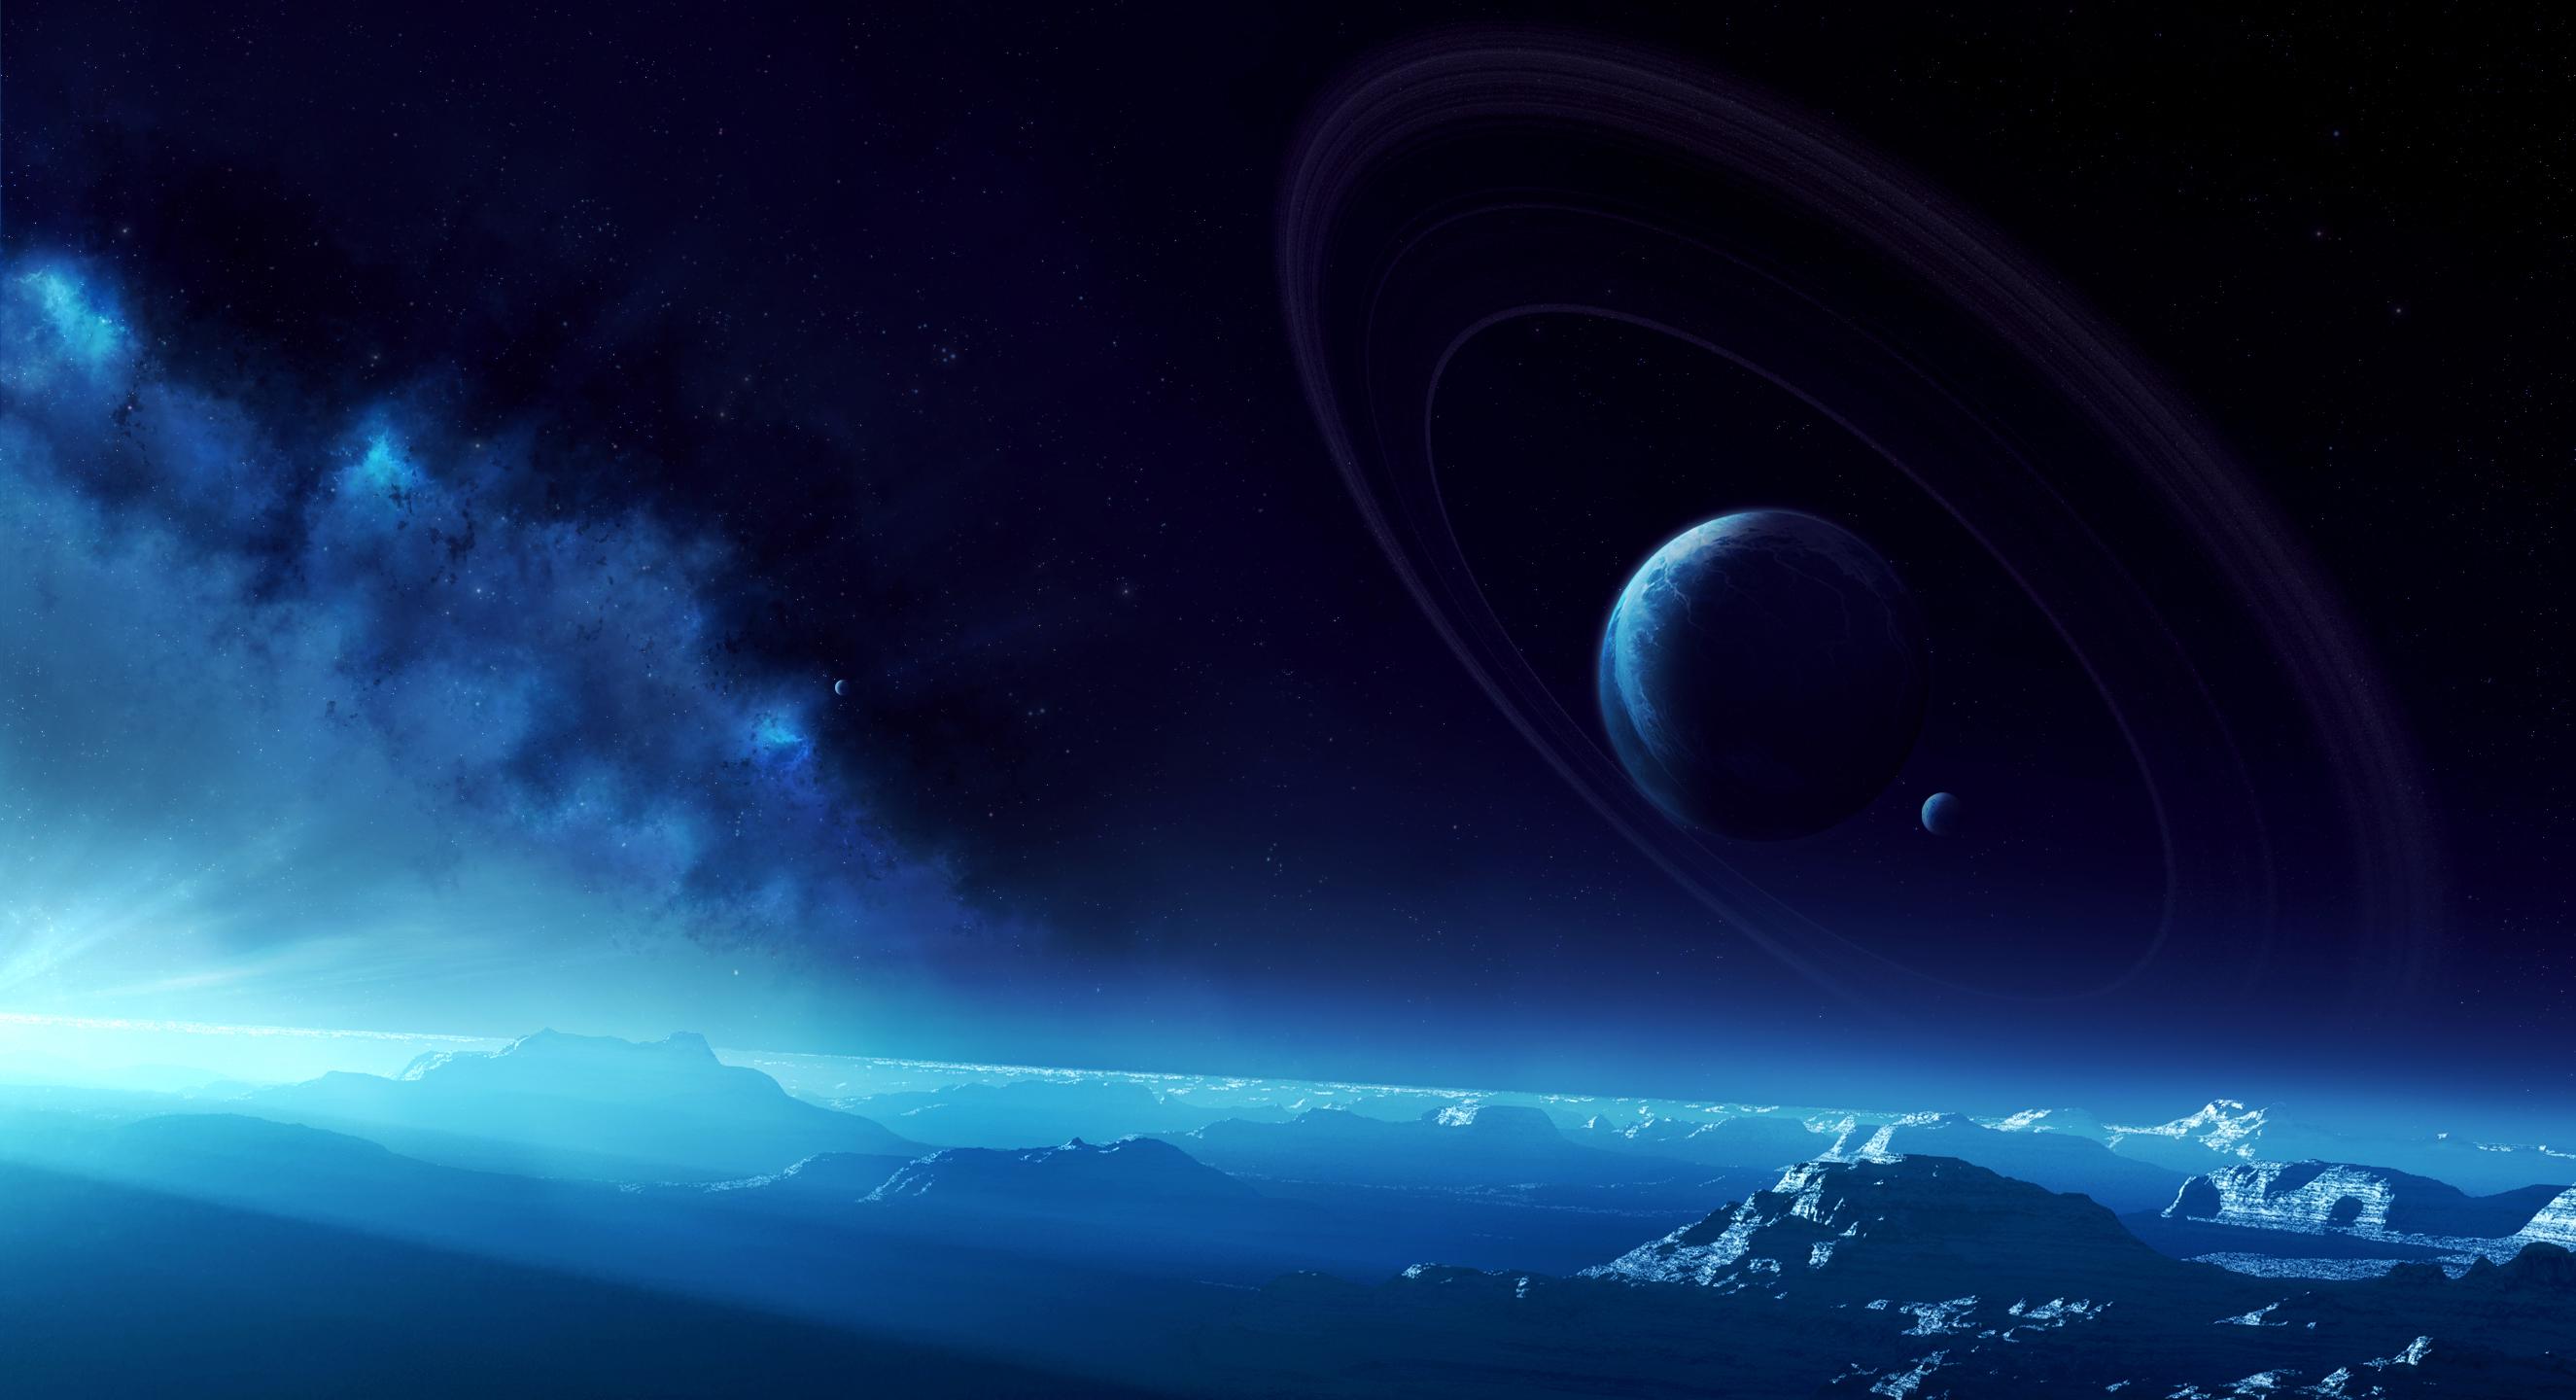 Обои Планеты синие картинки на рабочий стол на тему Космос - скачать  № 1765770 без смс